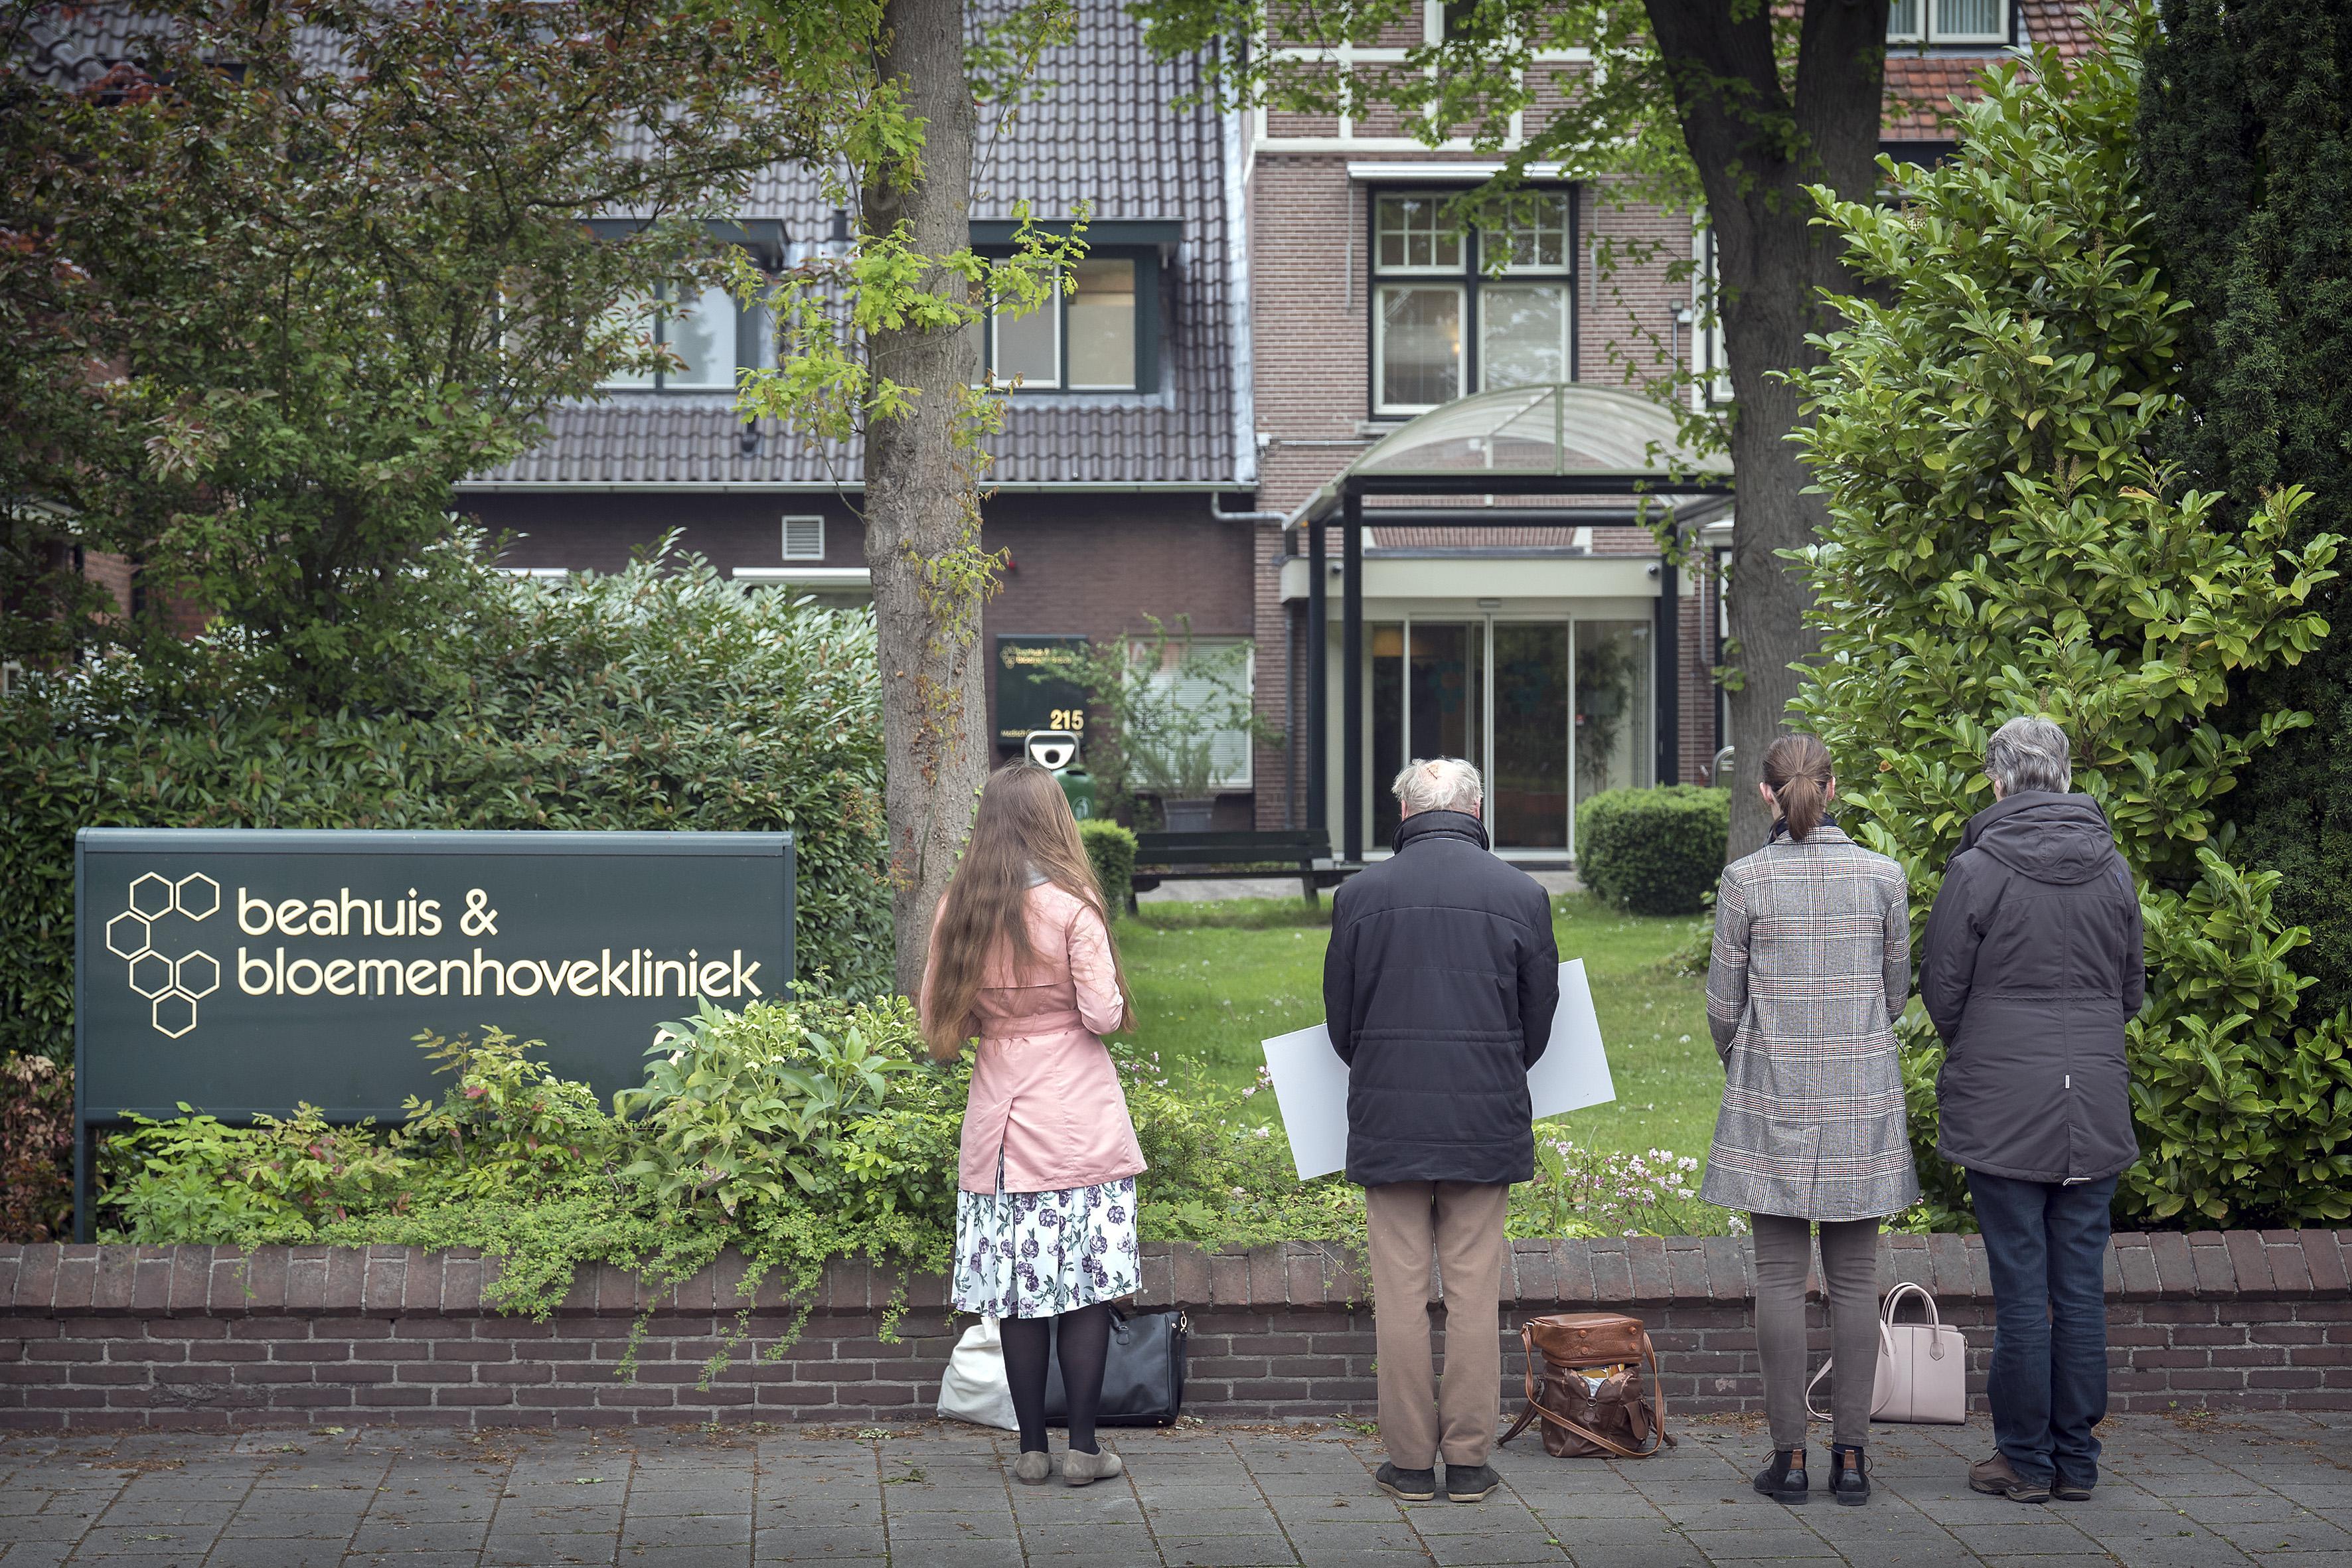 Dit is waarom Duitse prolifers bij de Bloemenhovekliniek staan te demonstreren. 'De duisterste plek van Europa'